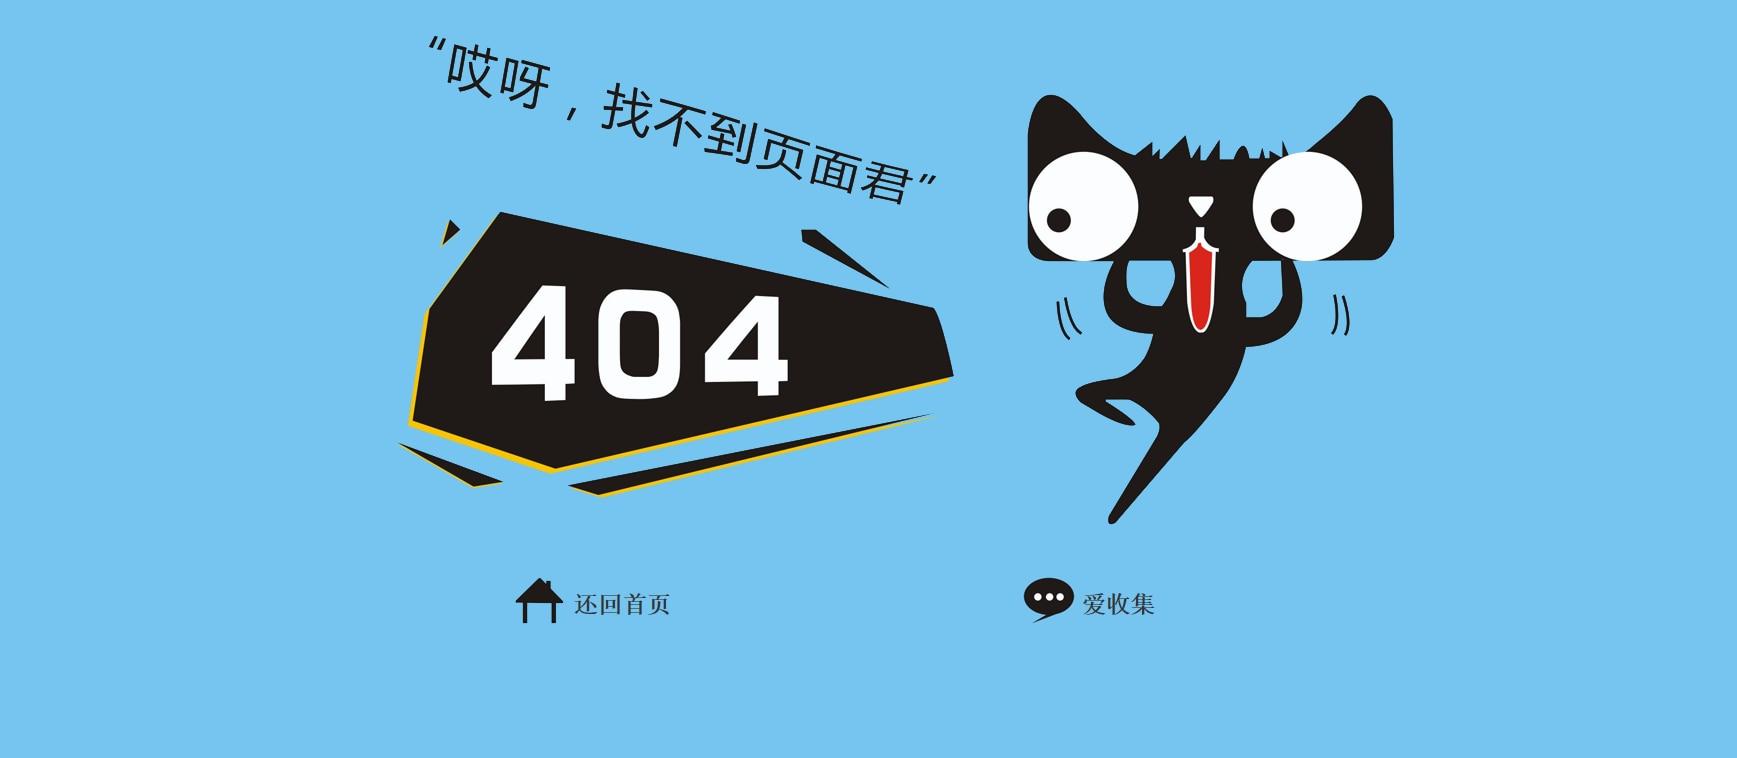 非常好看简单的天猫404源码